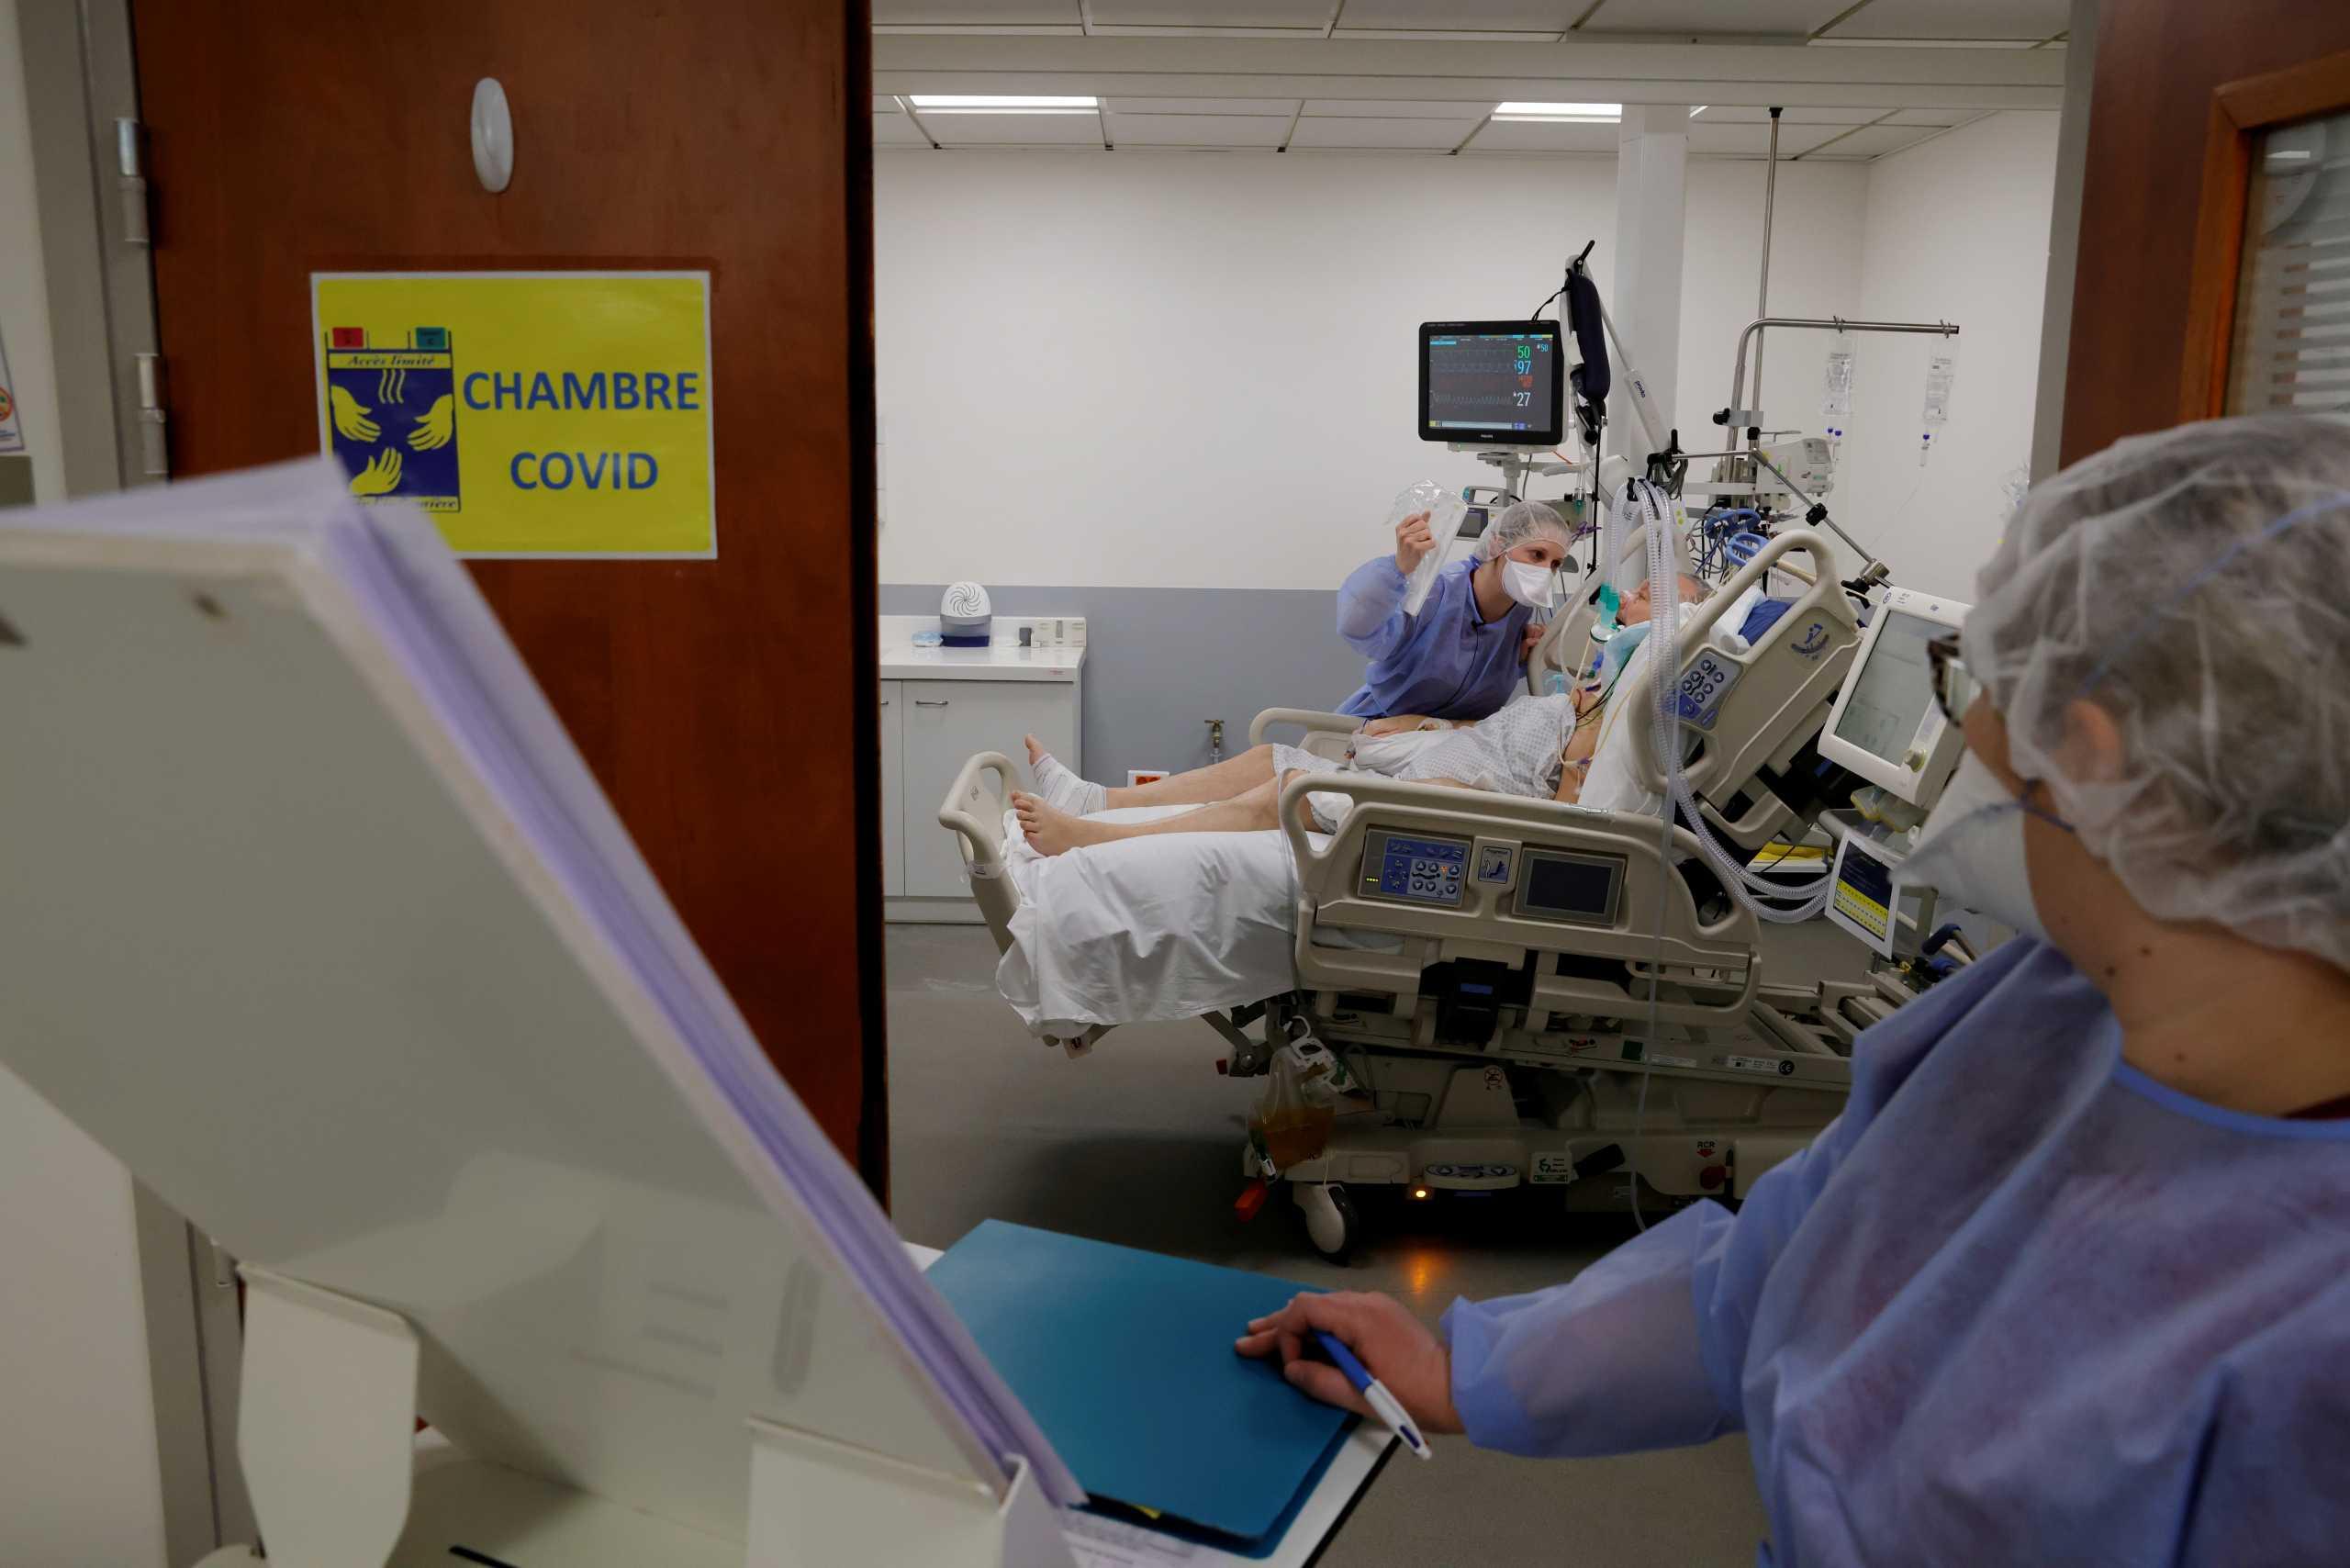 Ο κορονοϊός πιέζει τα νοσοκομεία στην Γαλλία: Αυξάνεται ο αριθμός των ασθενών στις ΜΕΘ